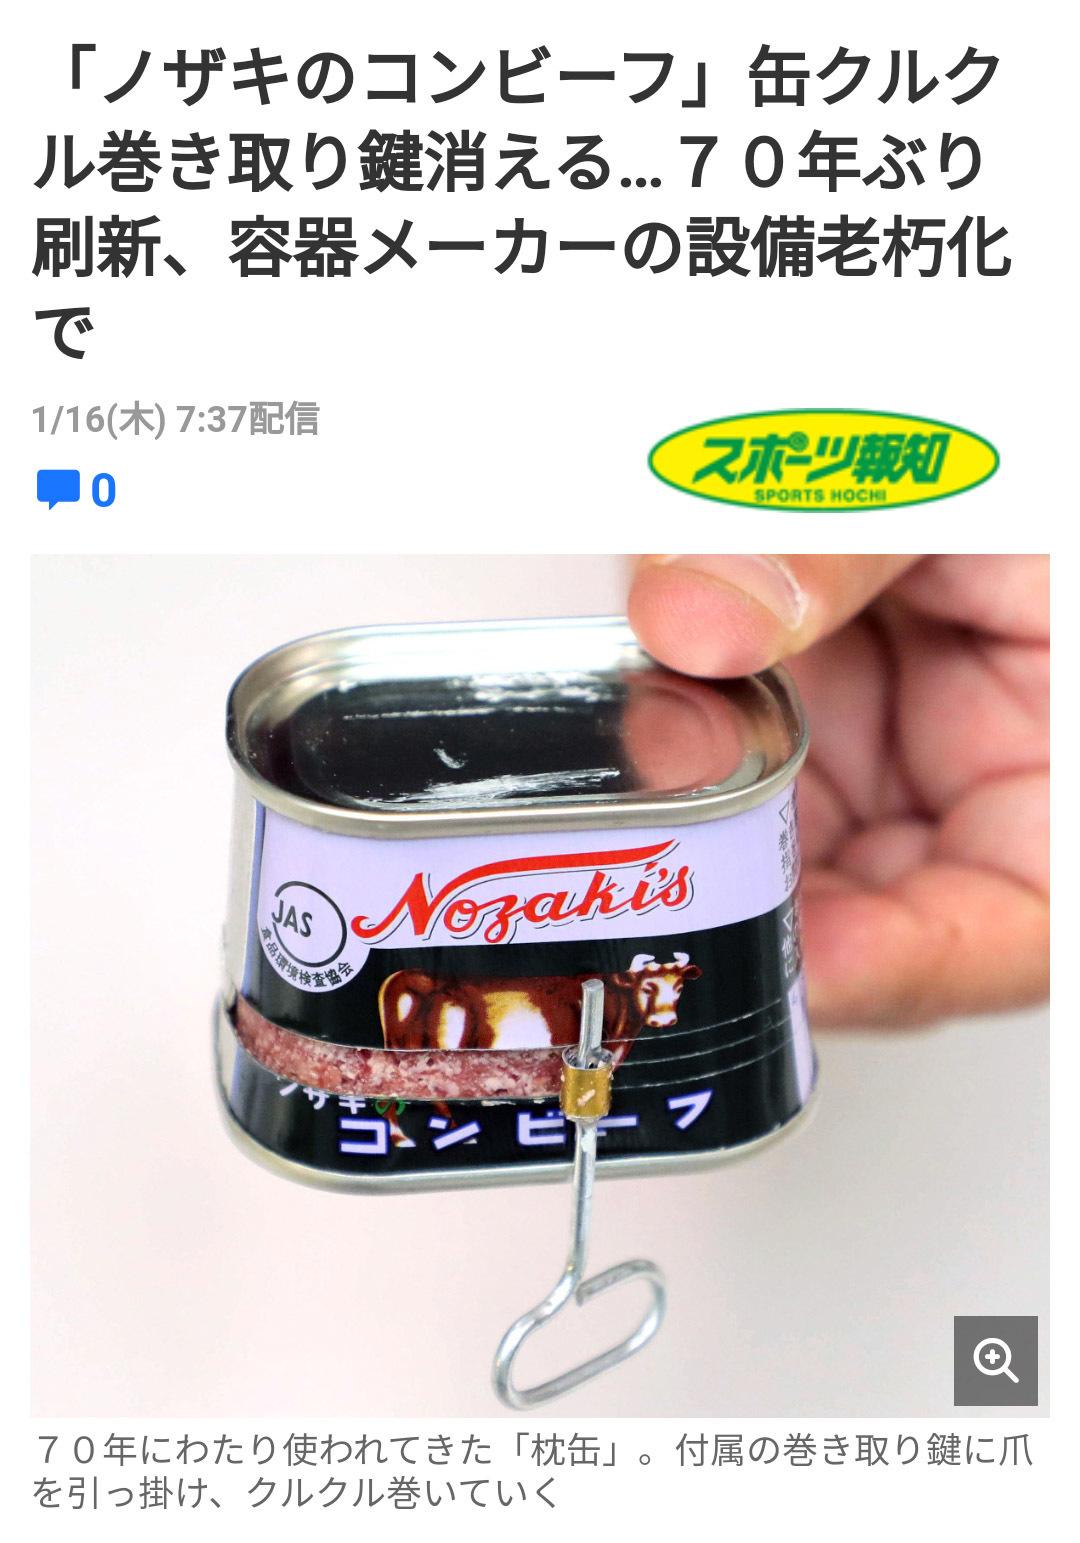 コンビーフの缶_f0145372_08150161.jpg